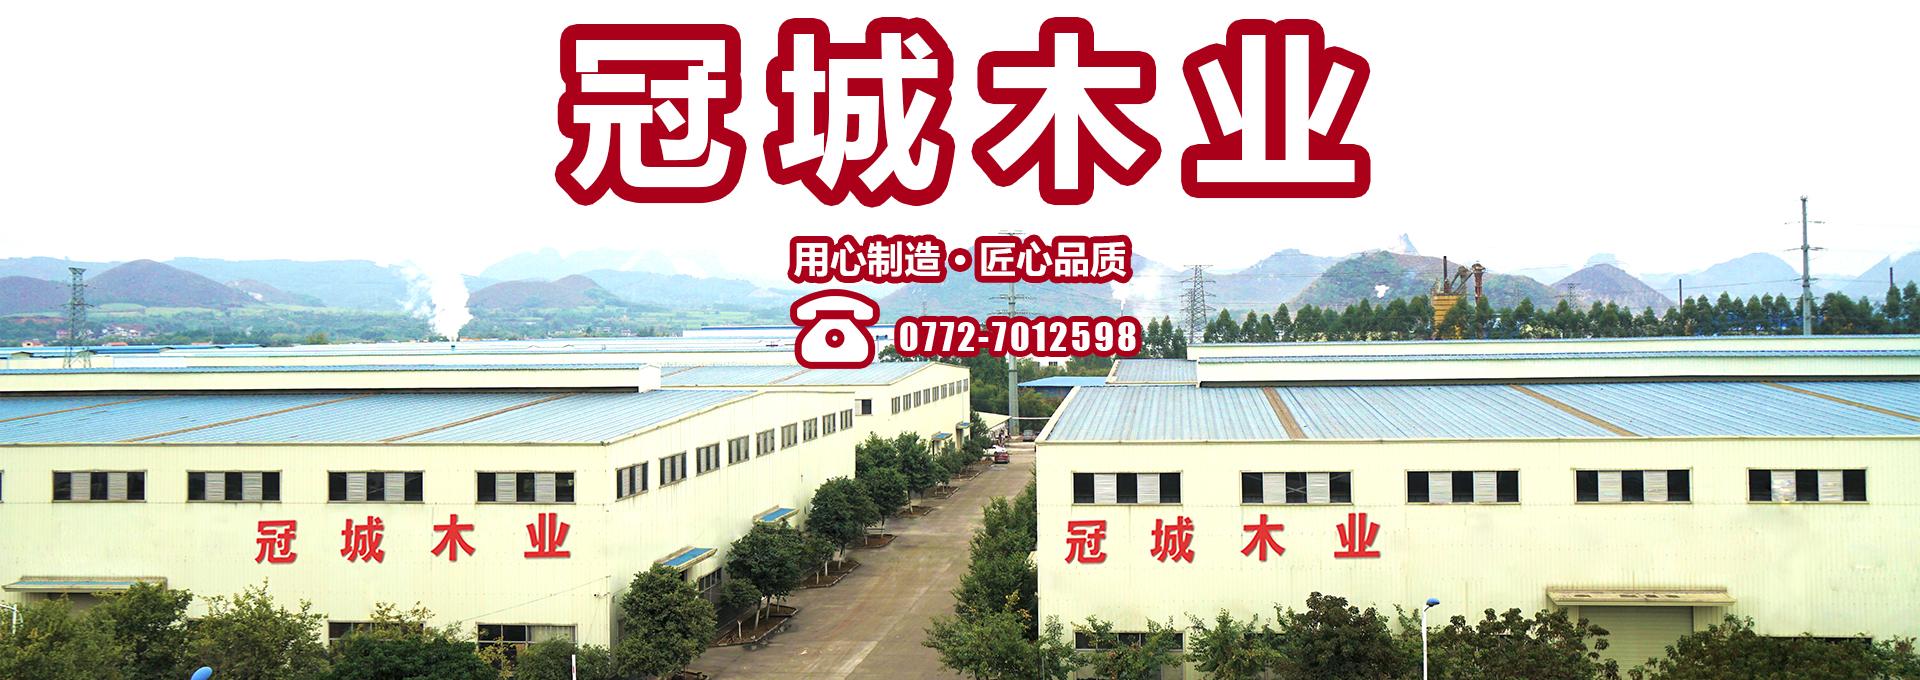 建筑模板厂家